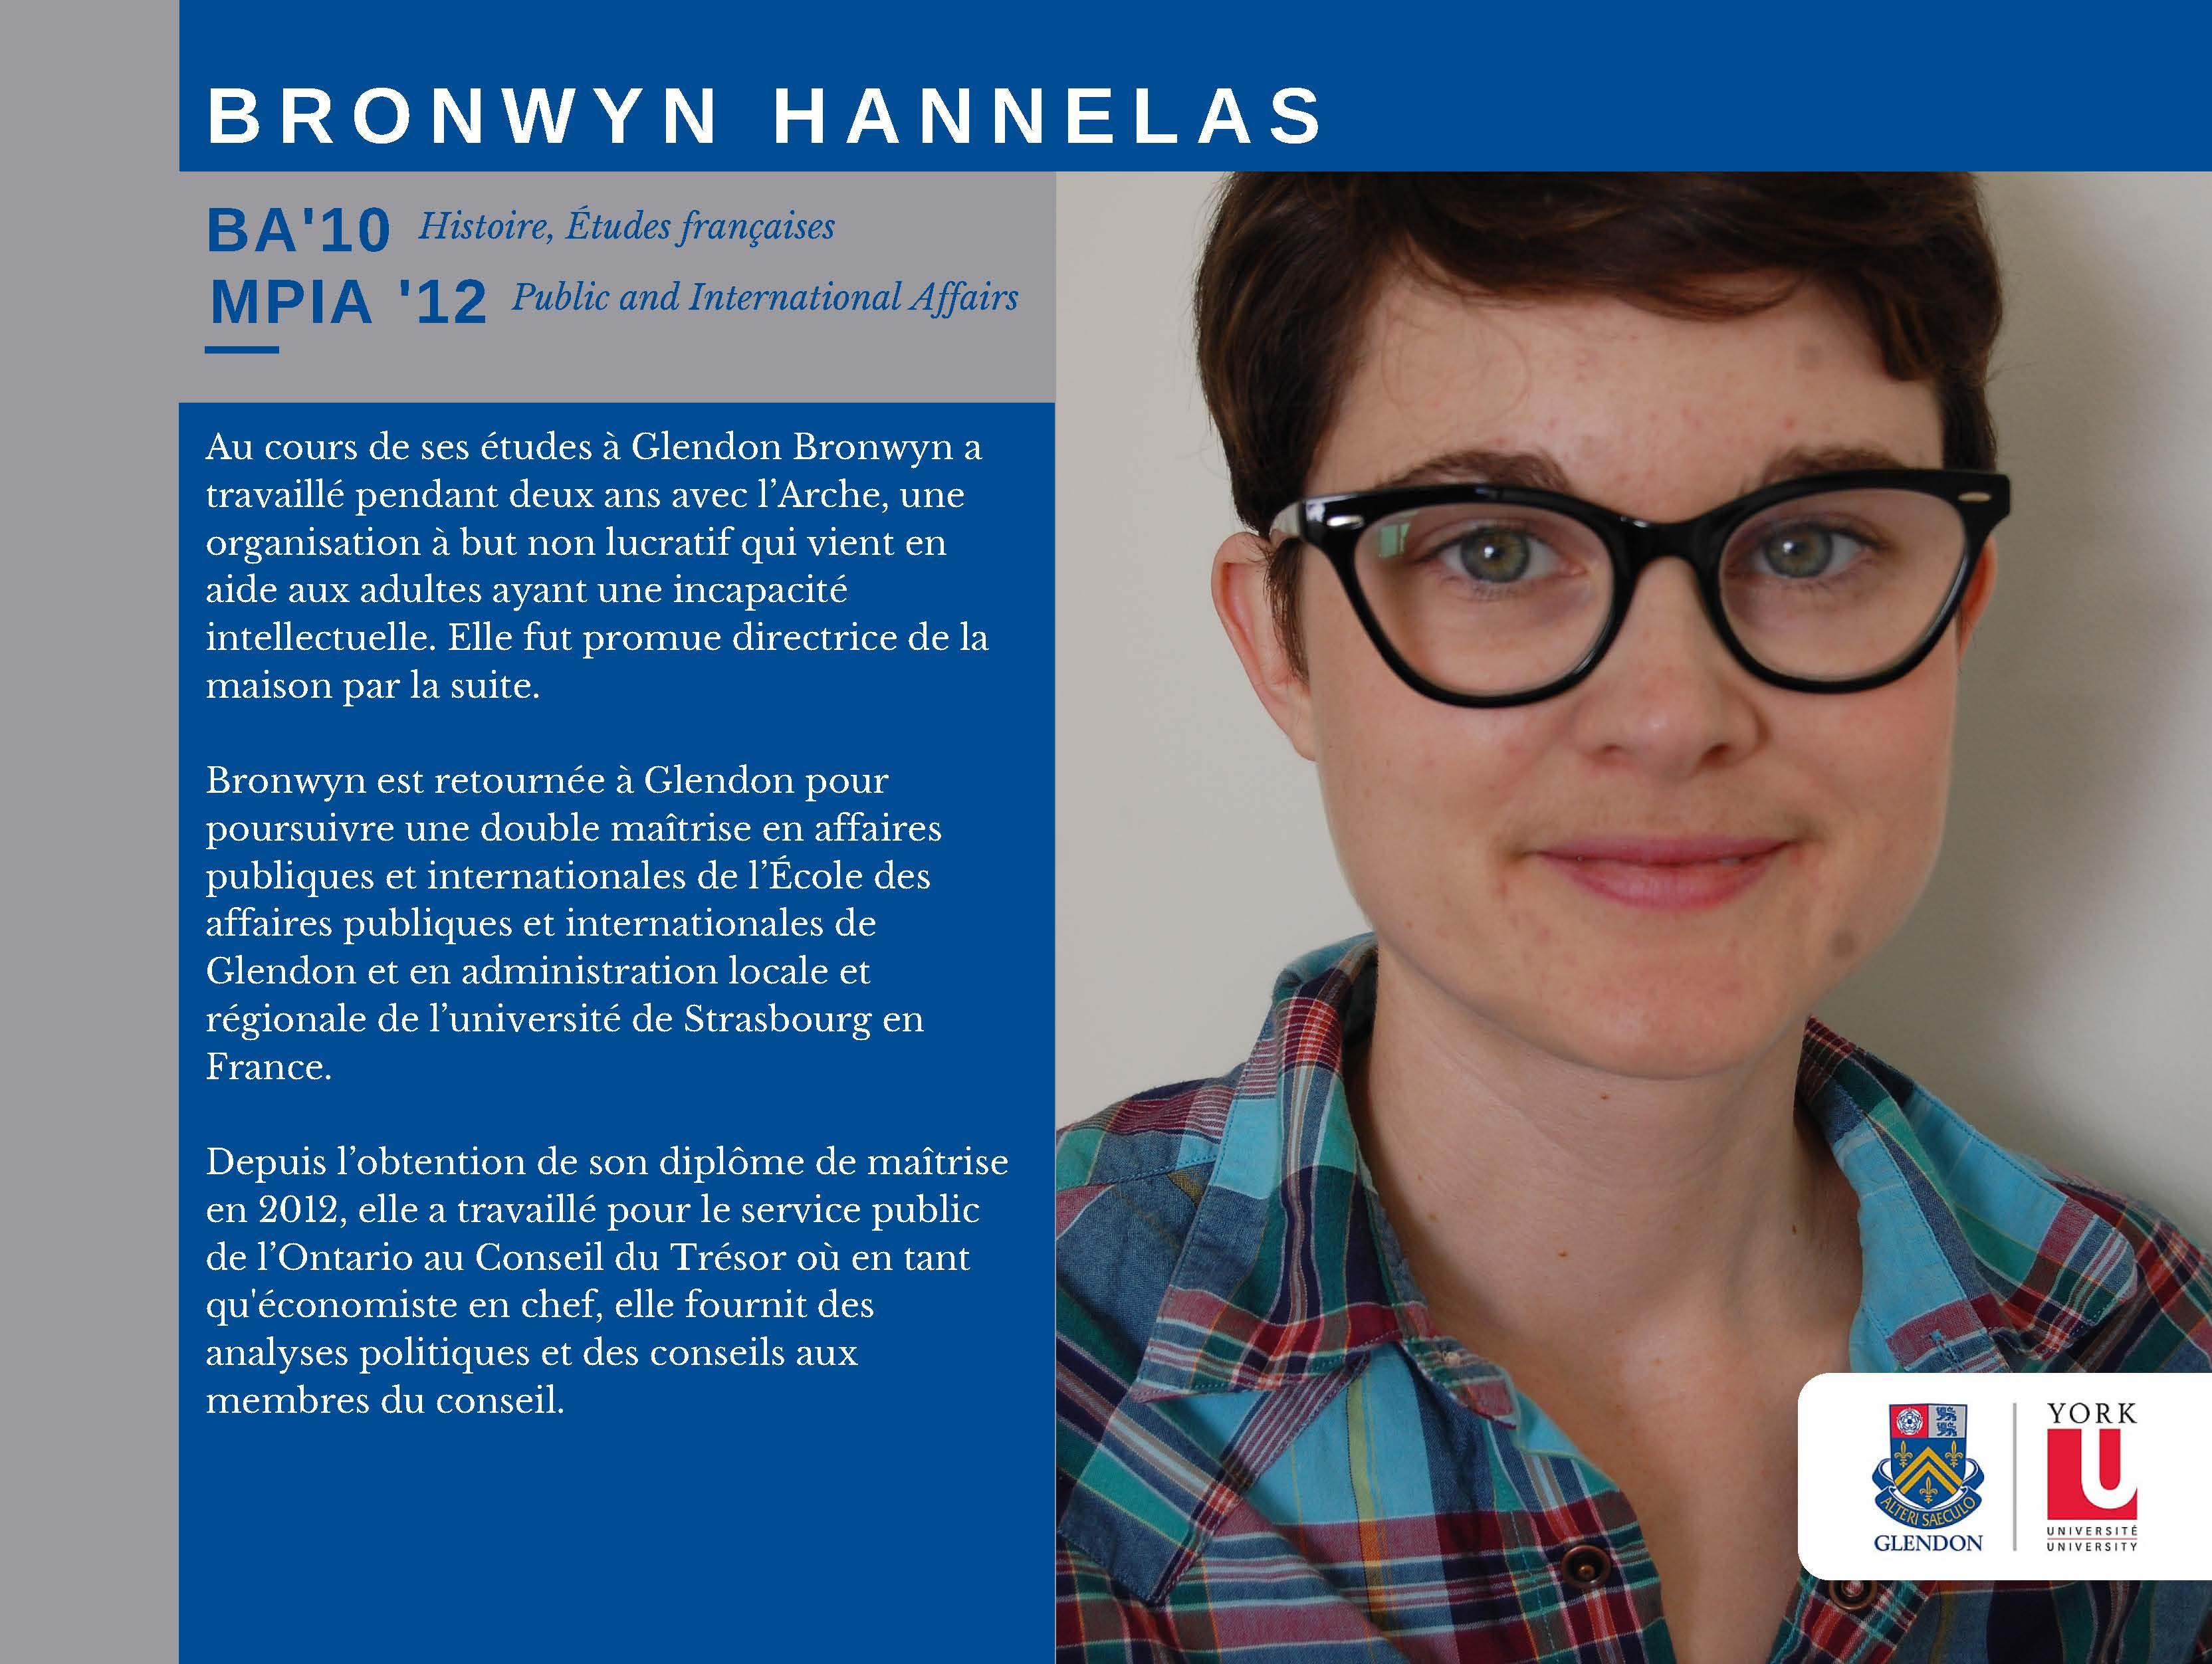 Bronwyn Hannelas FR